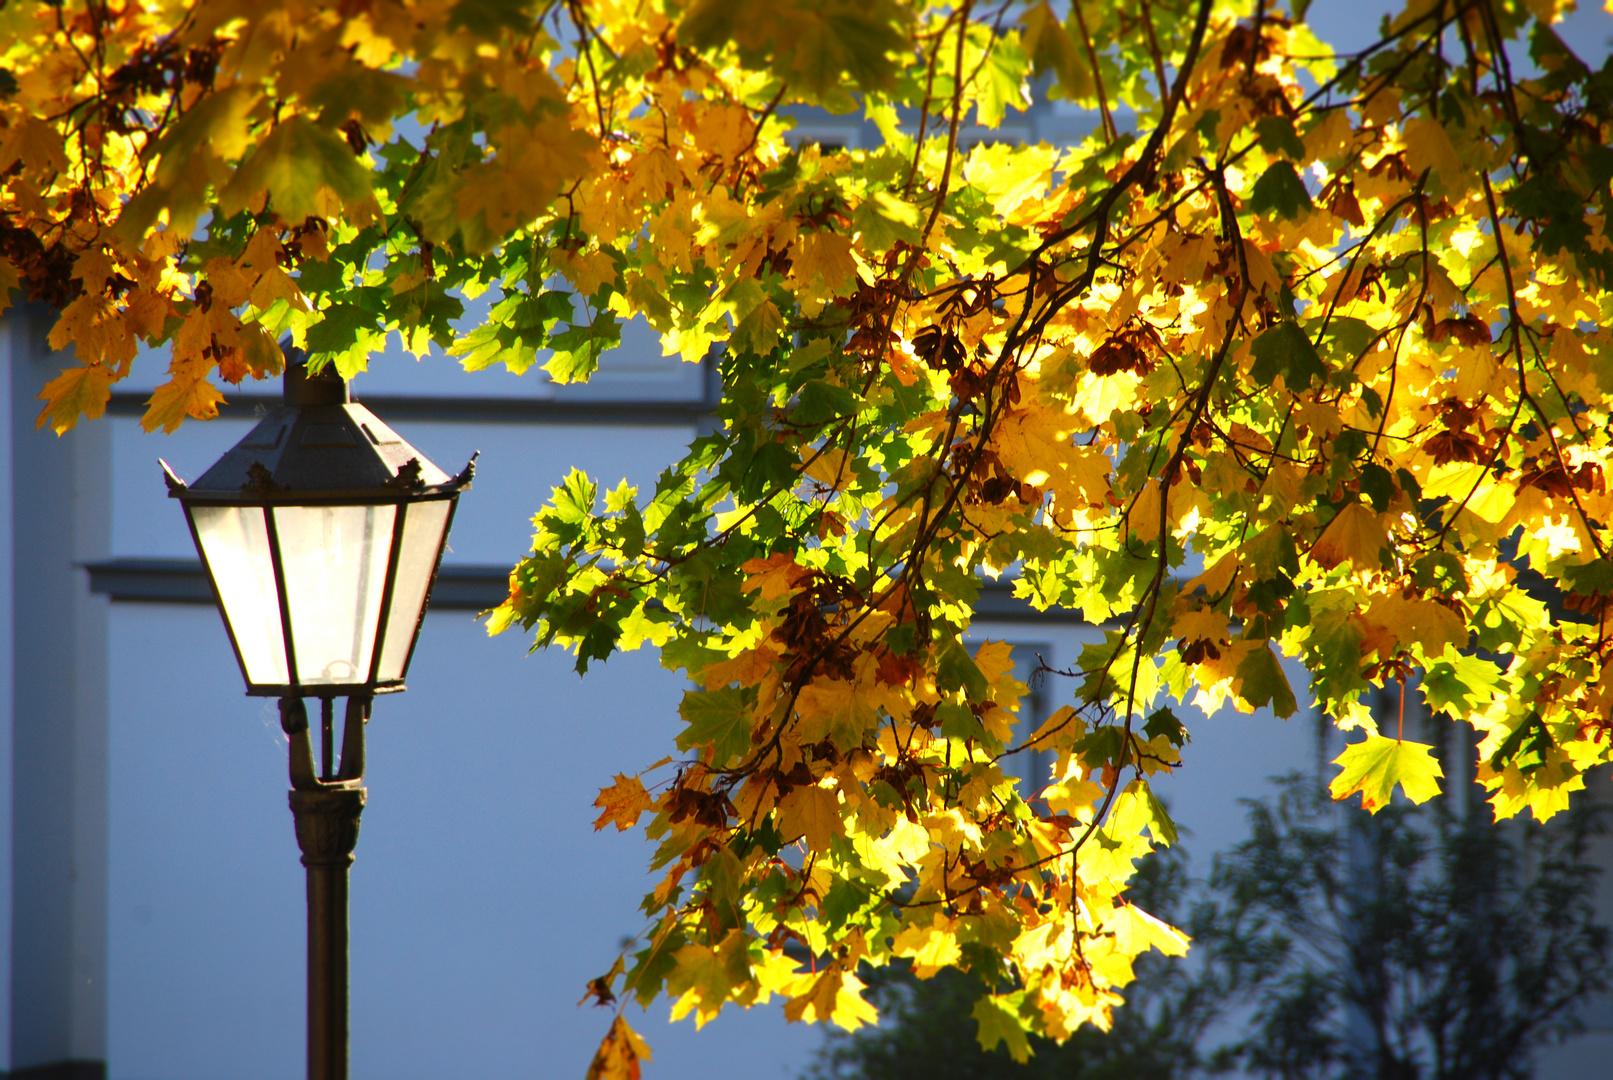 Herbst - Lich(t)